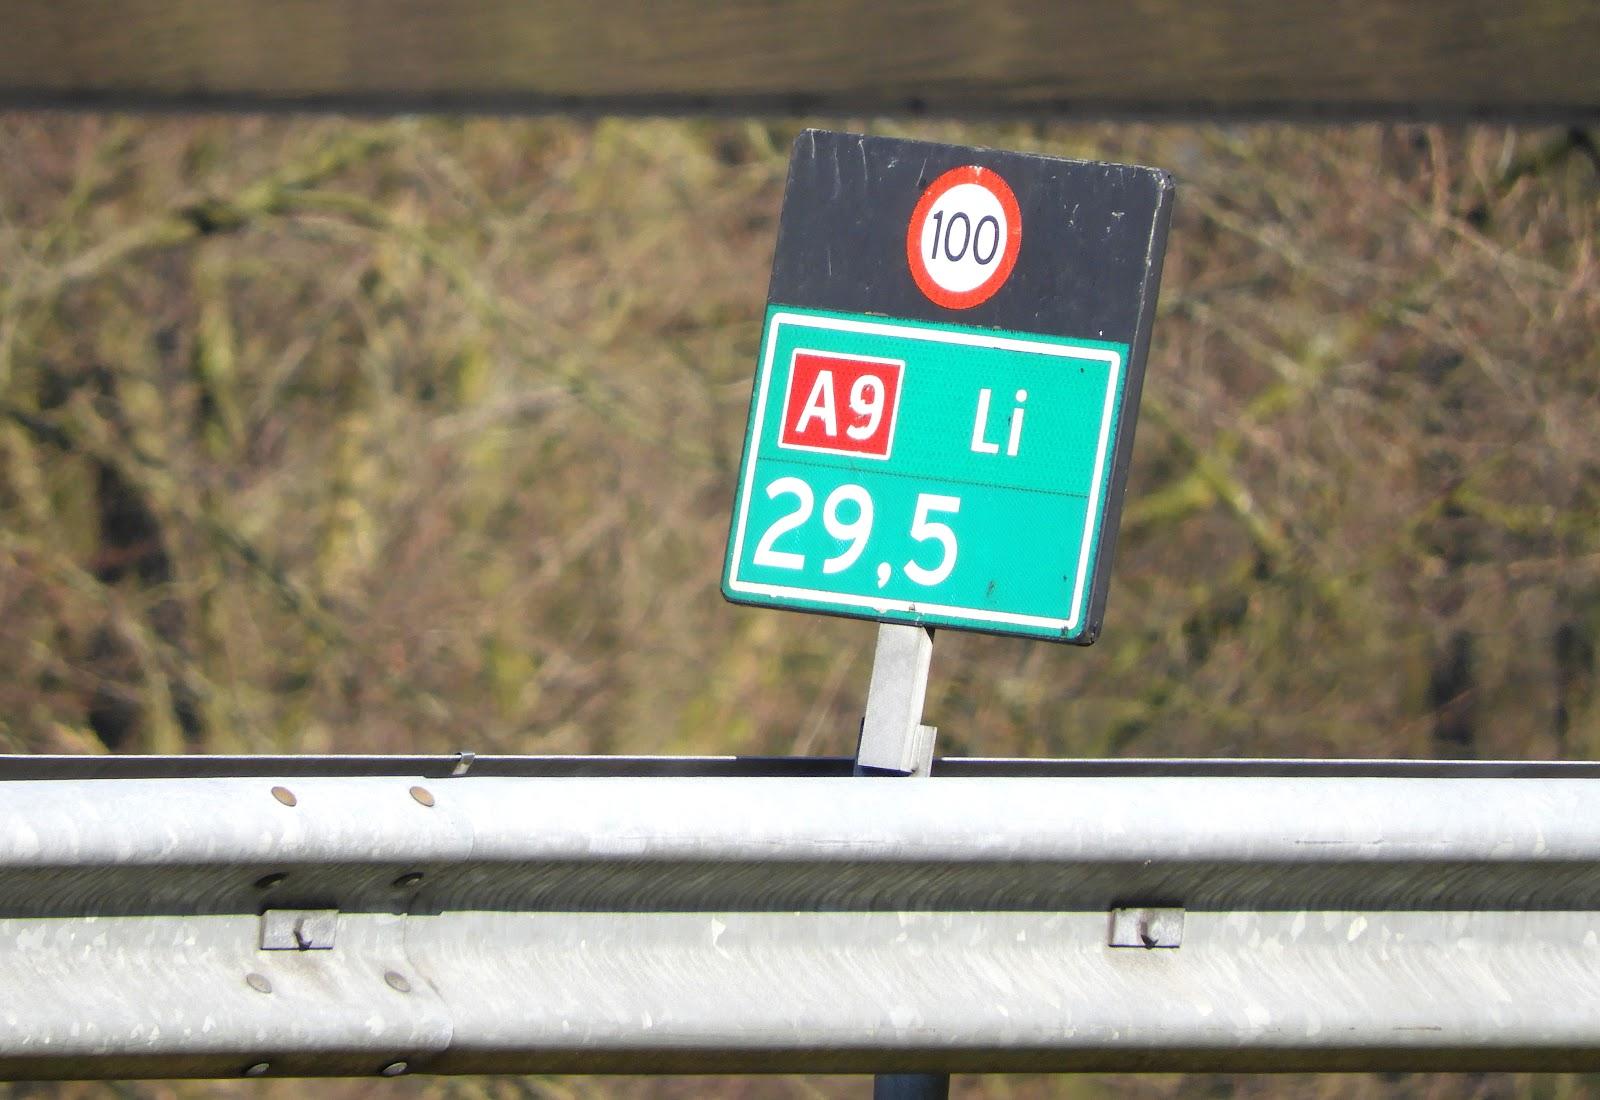 Verlagen van de maximumsnelheid: wat houdt het in?